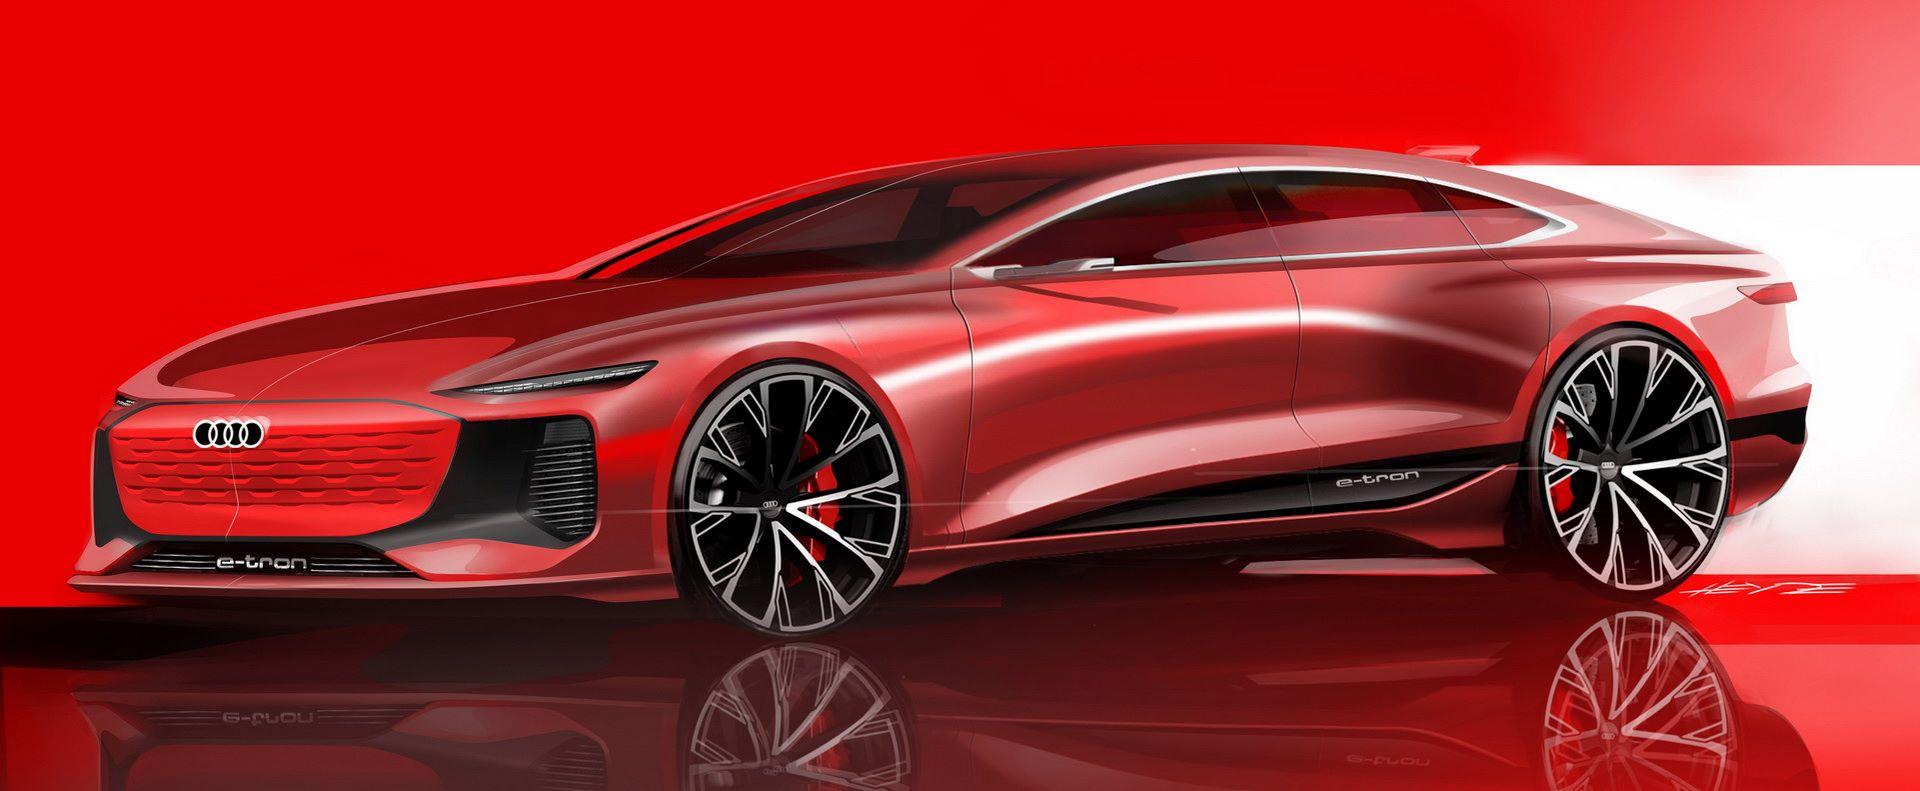 Audi-A6-e-tron-concept-45